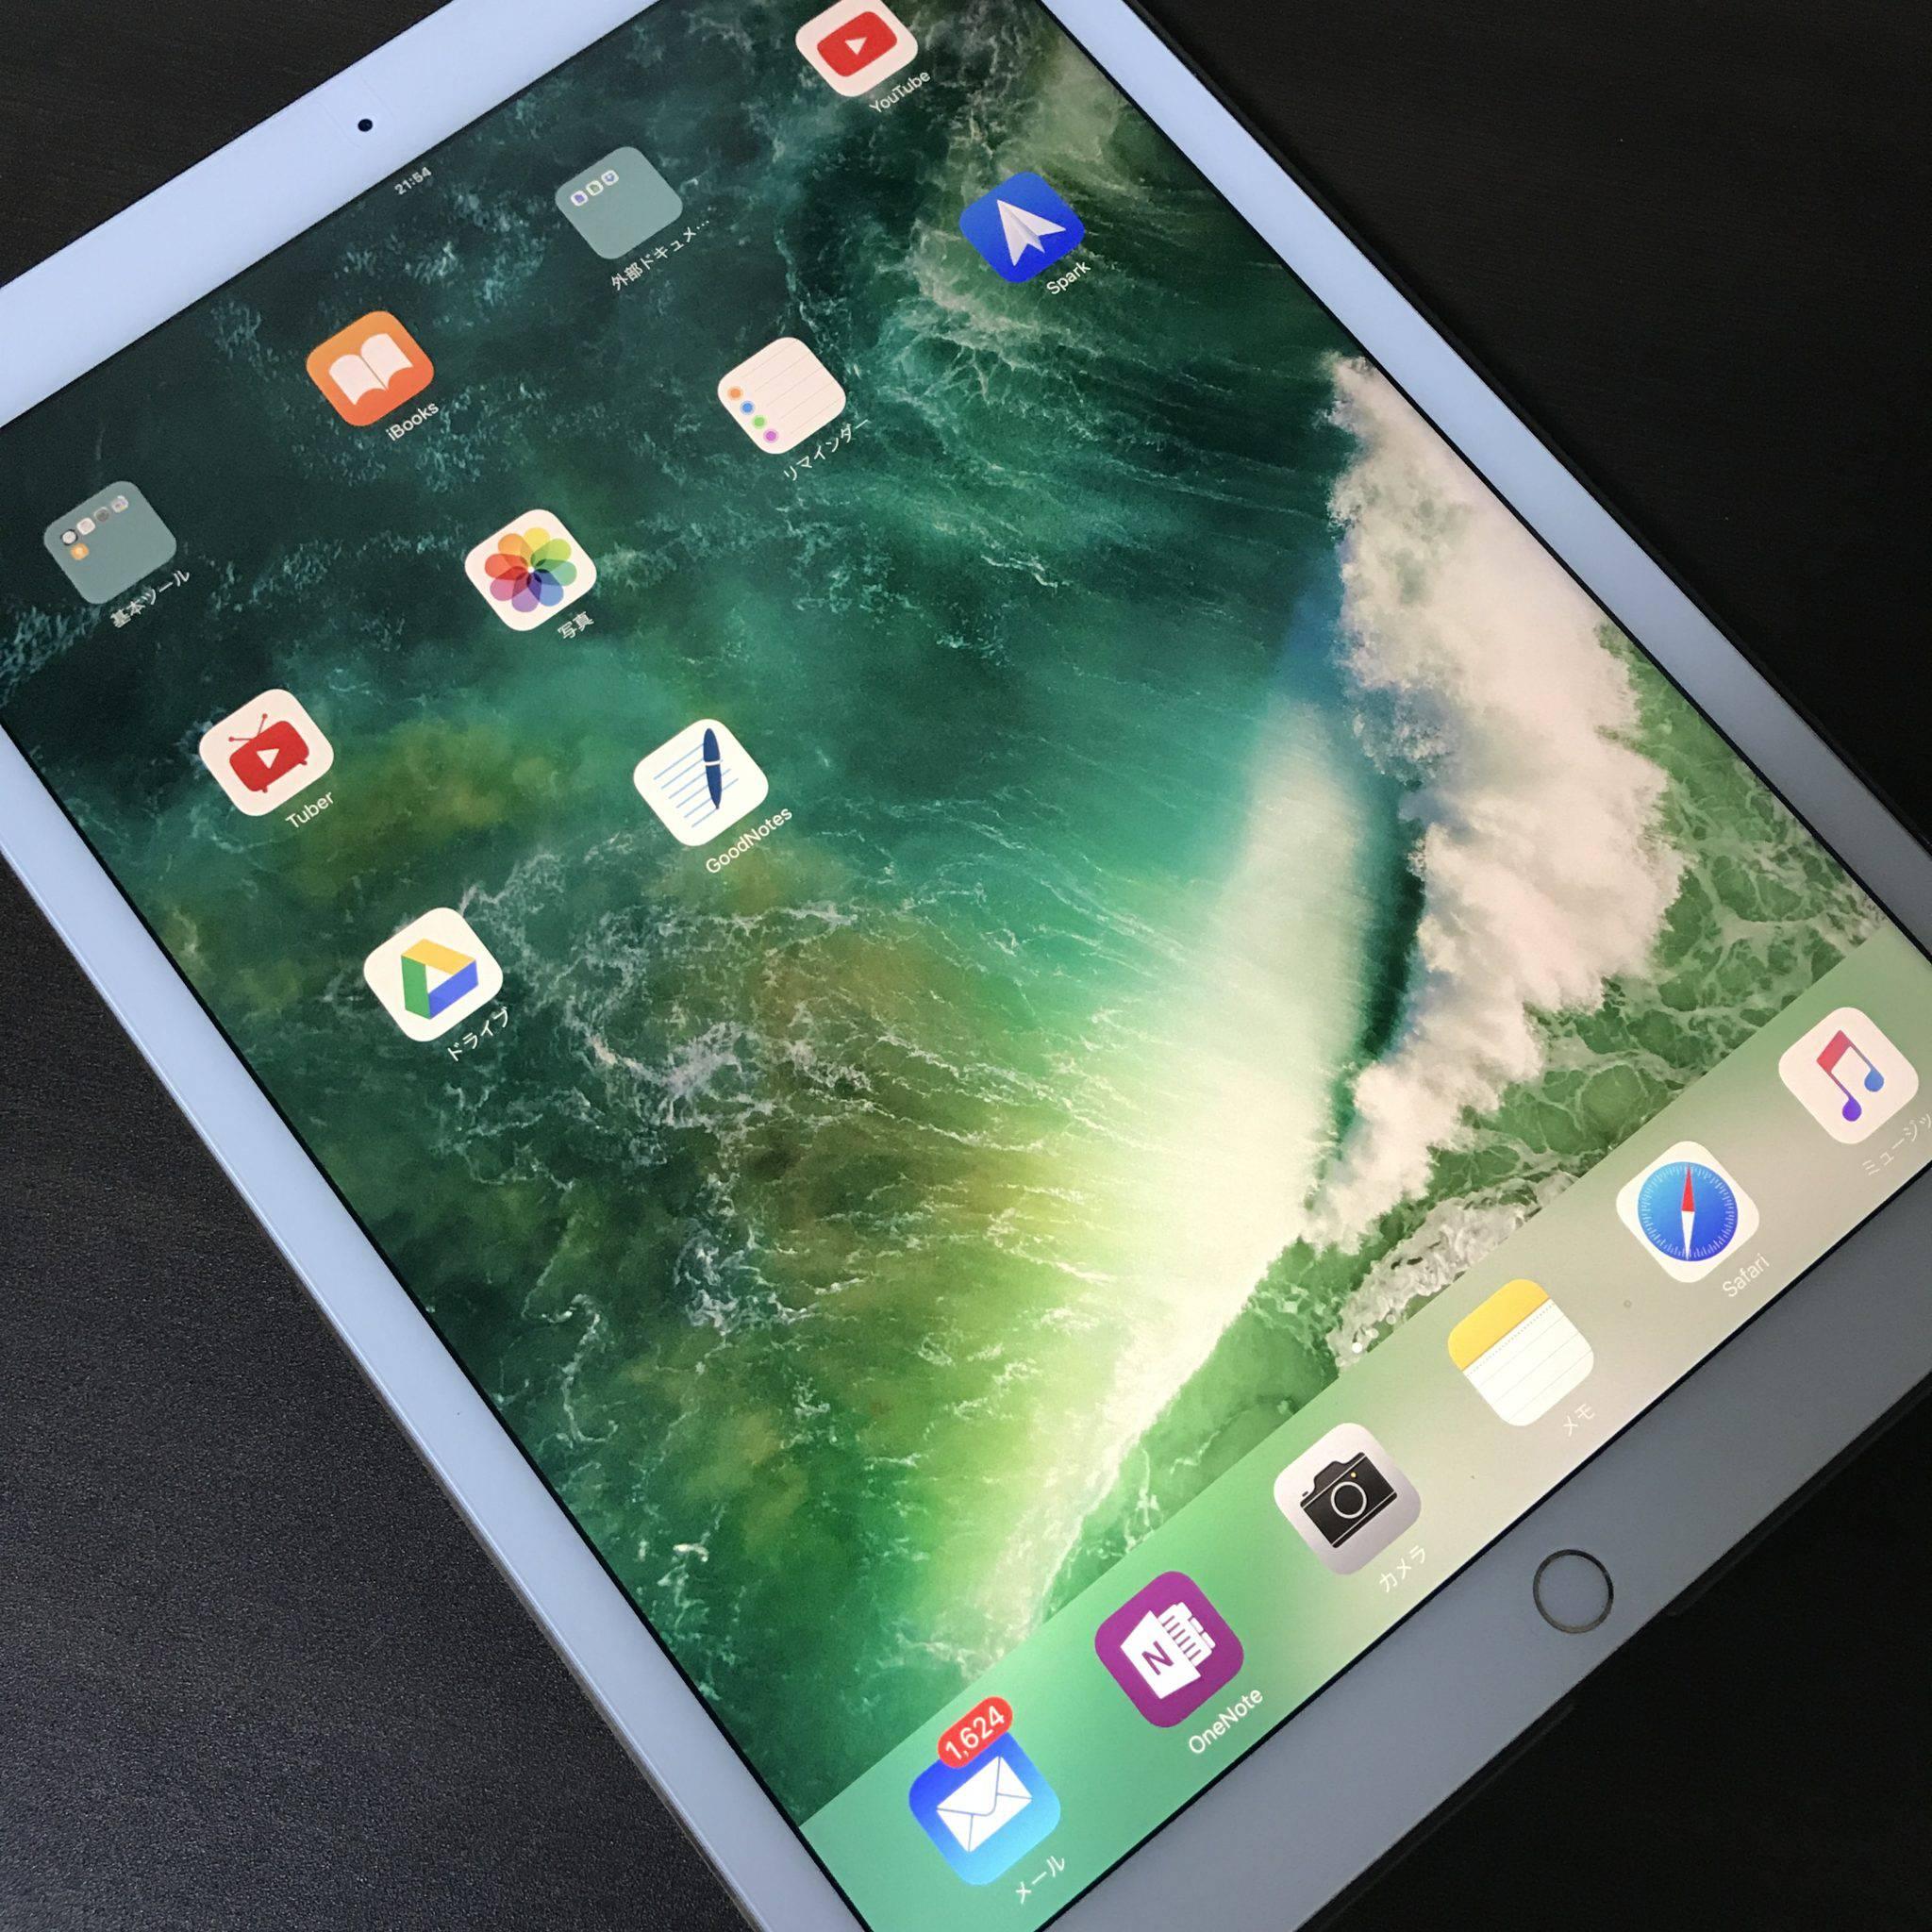 【レビュー】 iPad pro 12.9を買ってみた。おすすめの使い方・活用法など